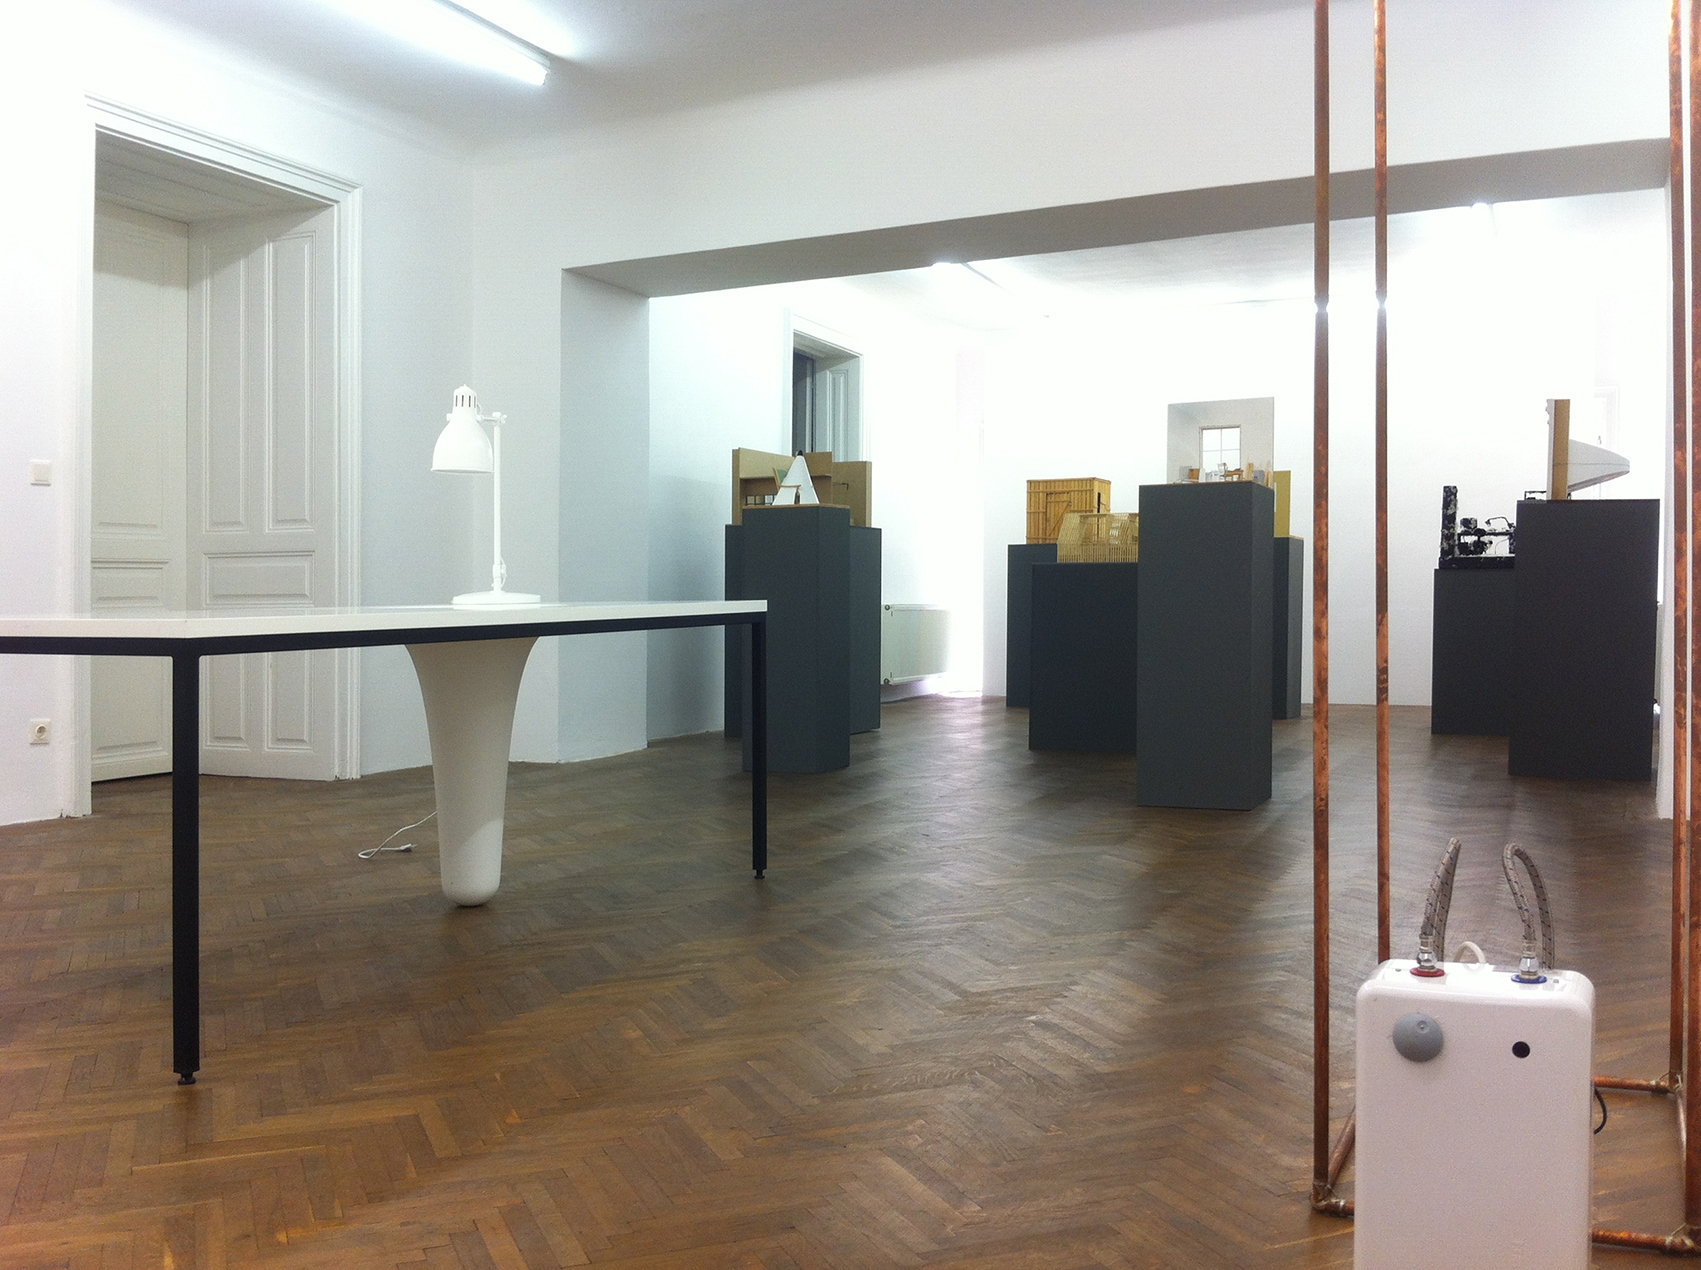 Projektraum Viktor Bucher, Ausstellungsansicht, Michael Schrattenthaler, Es gibt viel zu tun,  2014.